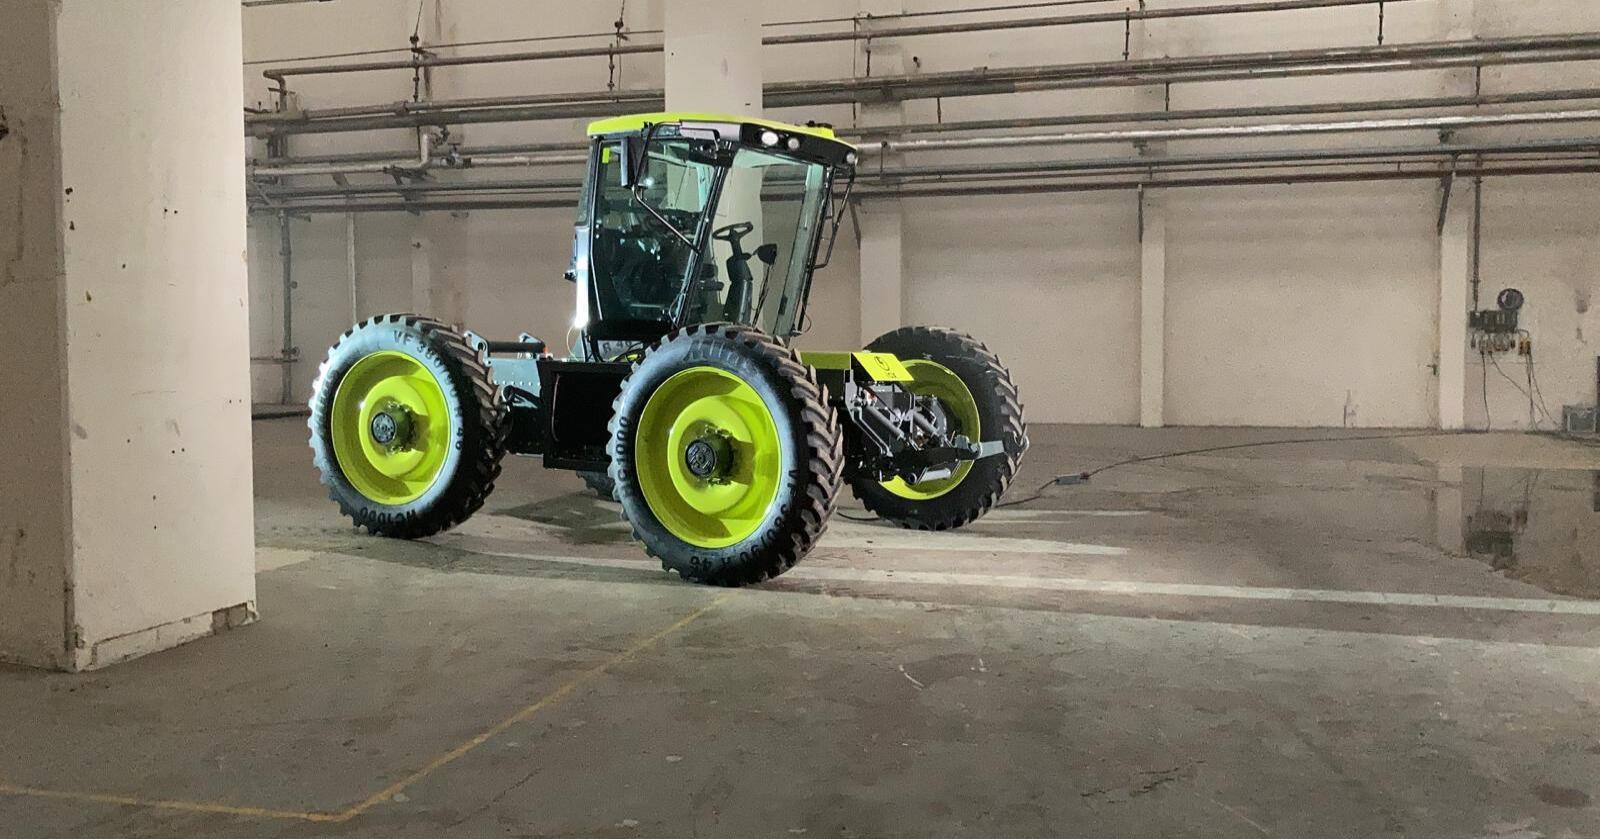 Fargevalg: Traktoren minner i valg av farger om tidligere tiders legendariske MB-Trac. Får denne samme legendestatus?